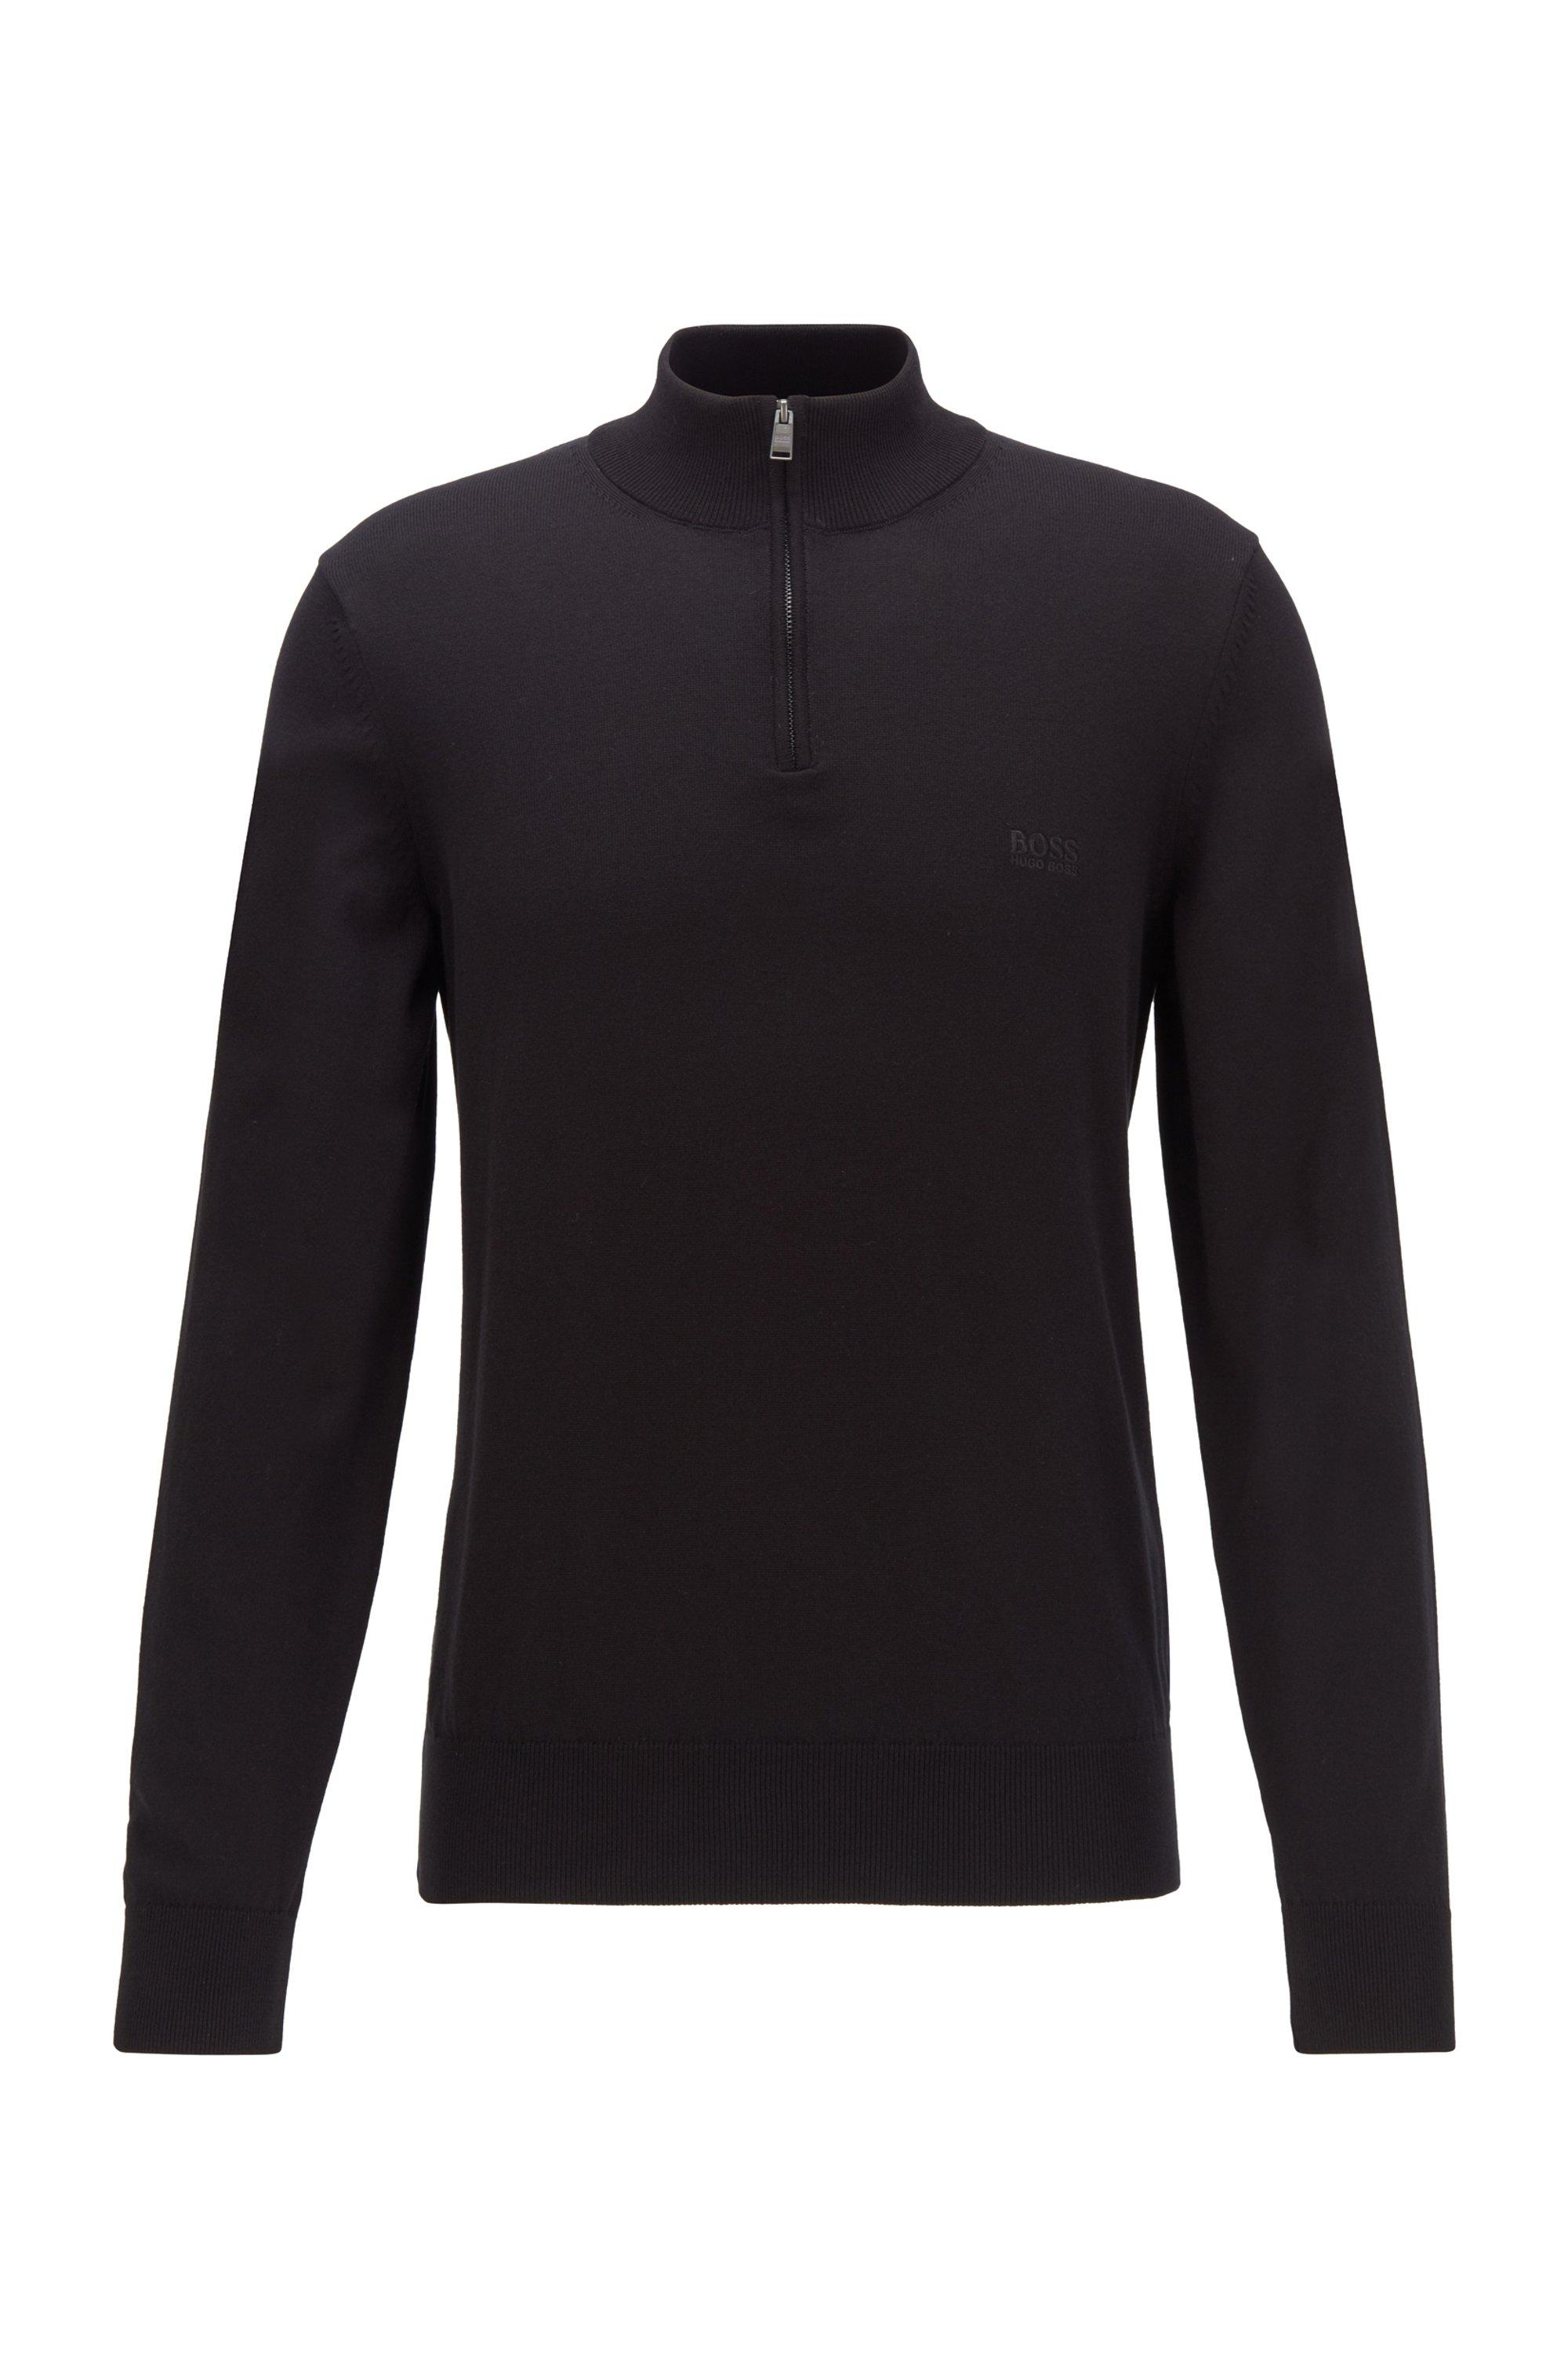 Pull à encolure zippée en pur coton avec logo brodé, Noir